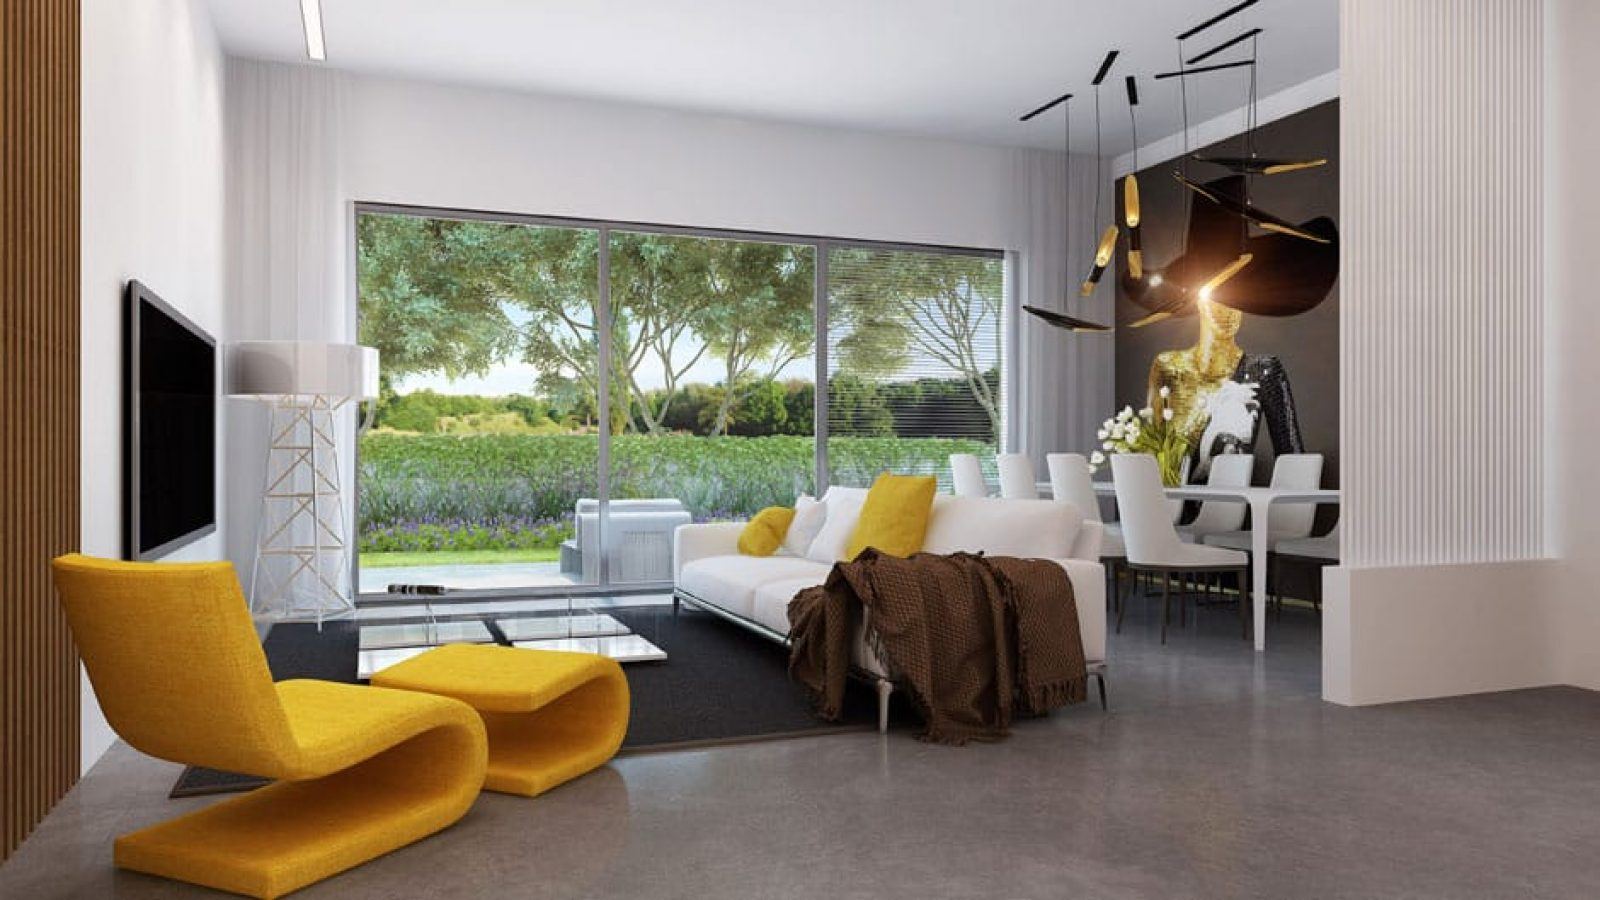 Web3D - תלת מימד - אילוסטרציה של סלון בבית